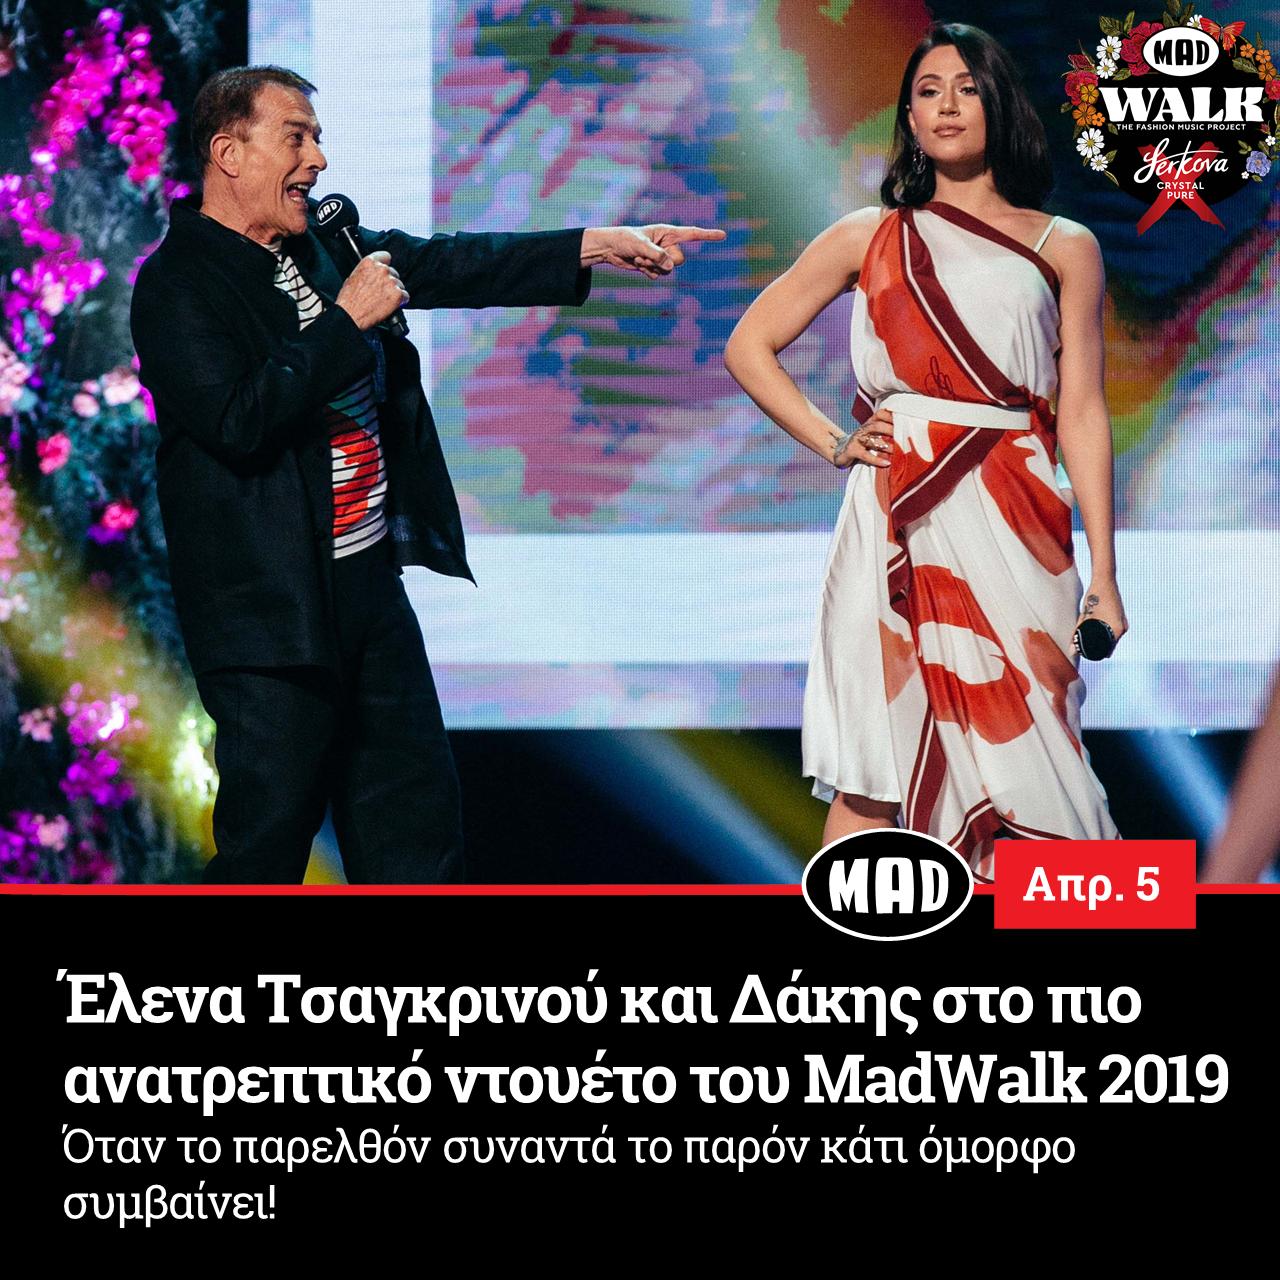 Έλενα Τσαγκρινού και Δάκης στο MadWalk 2019